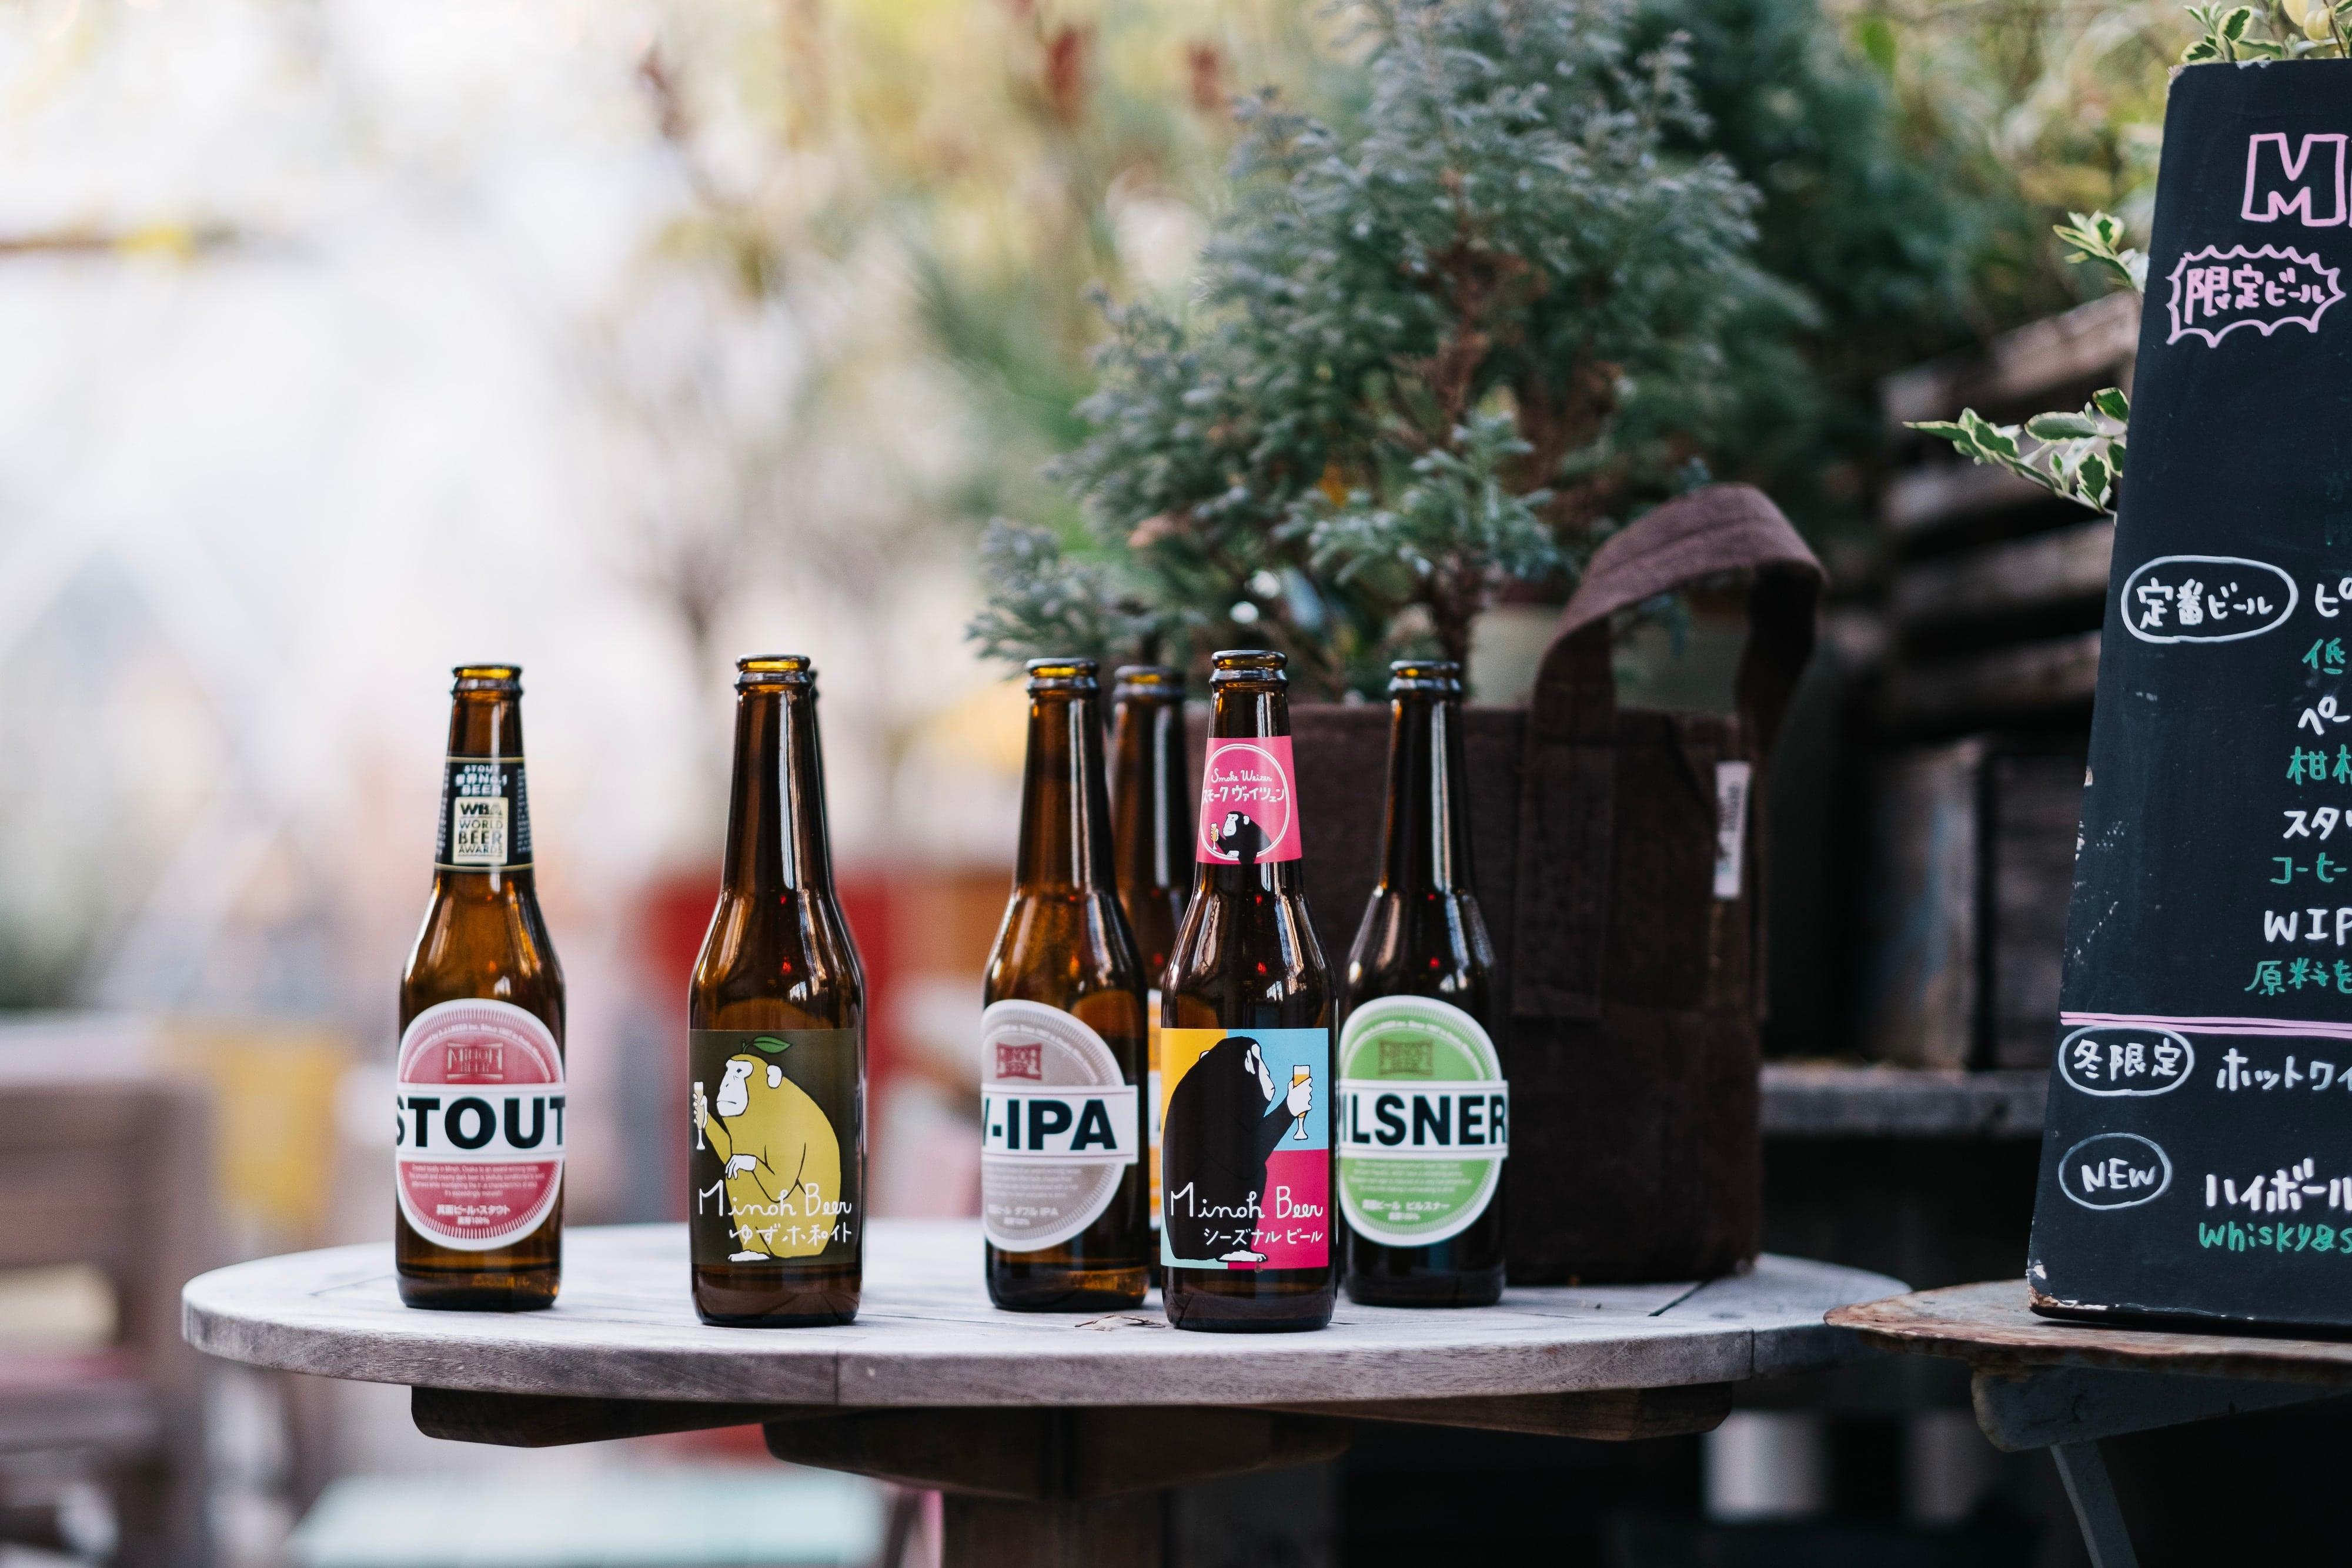 beer-image.jpg